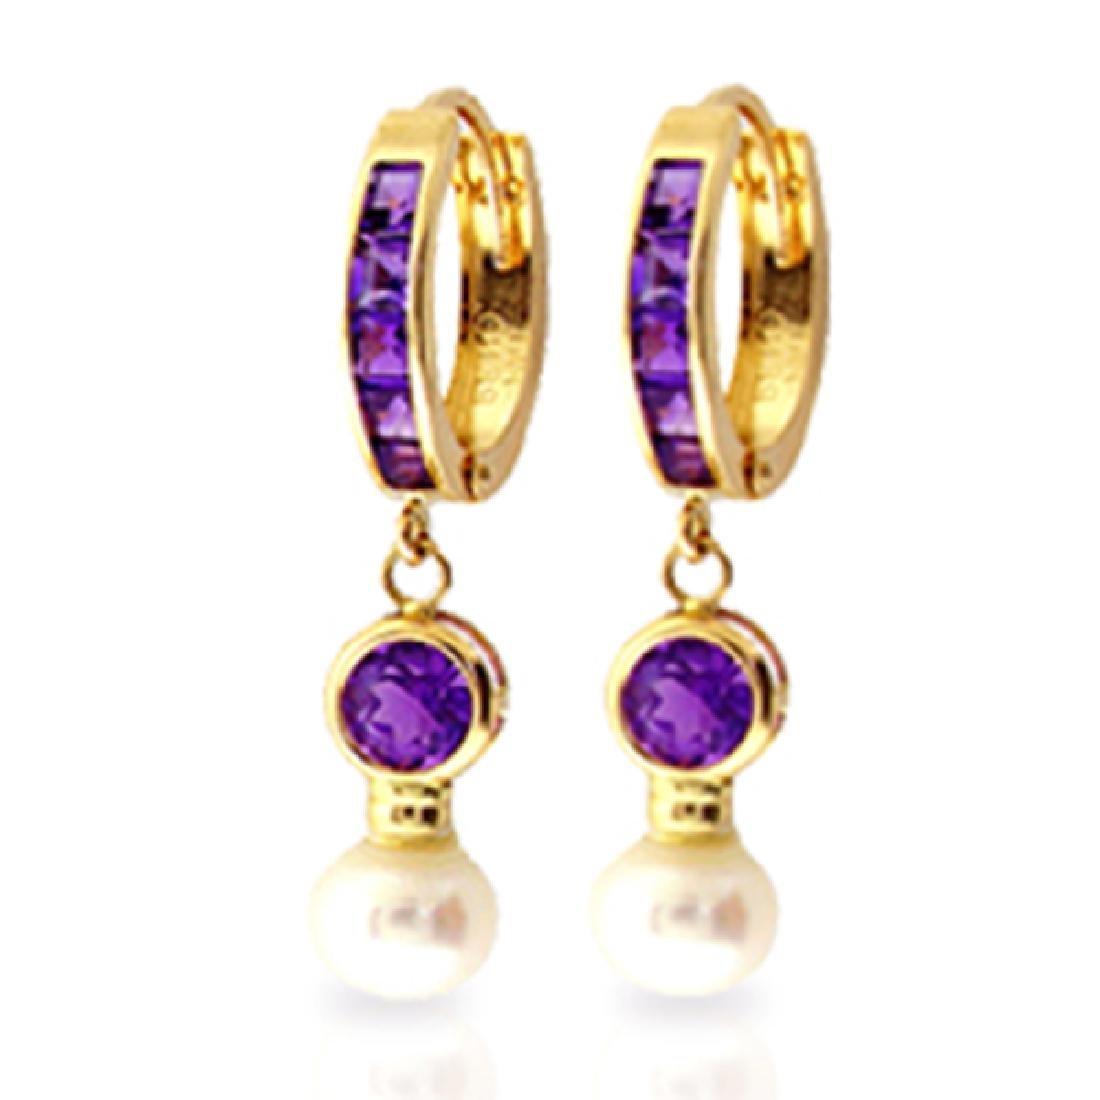 Genuine 4.15 ctw Amethyst & Pearl Earrings Jewelry 14KT